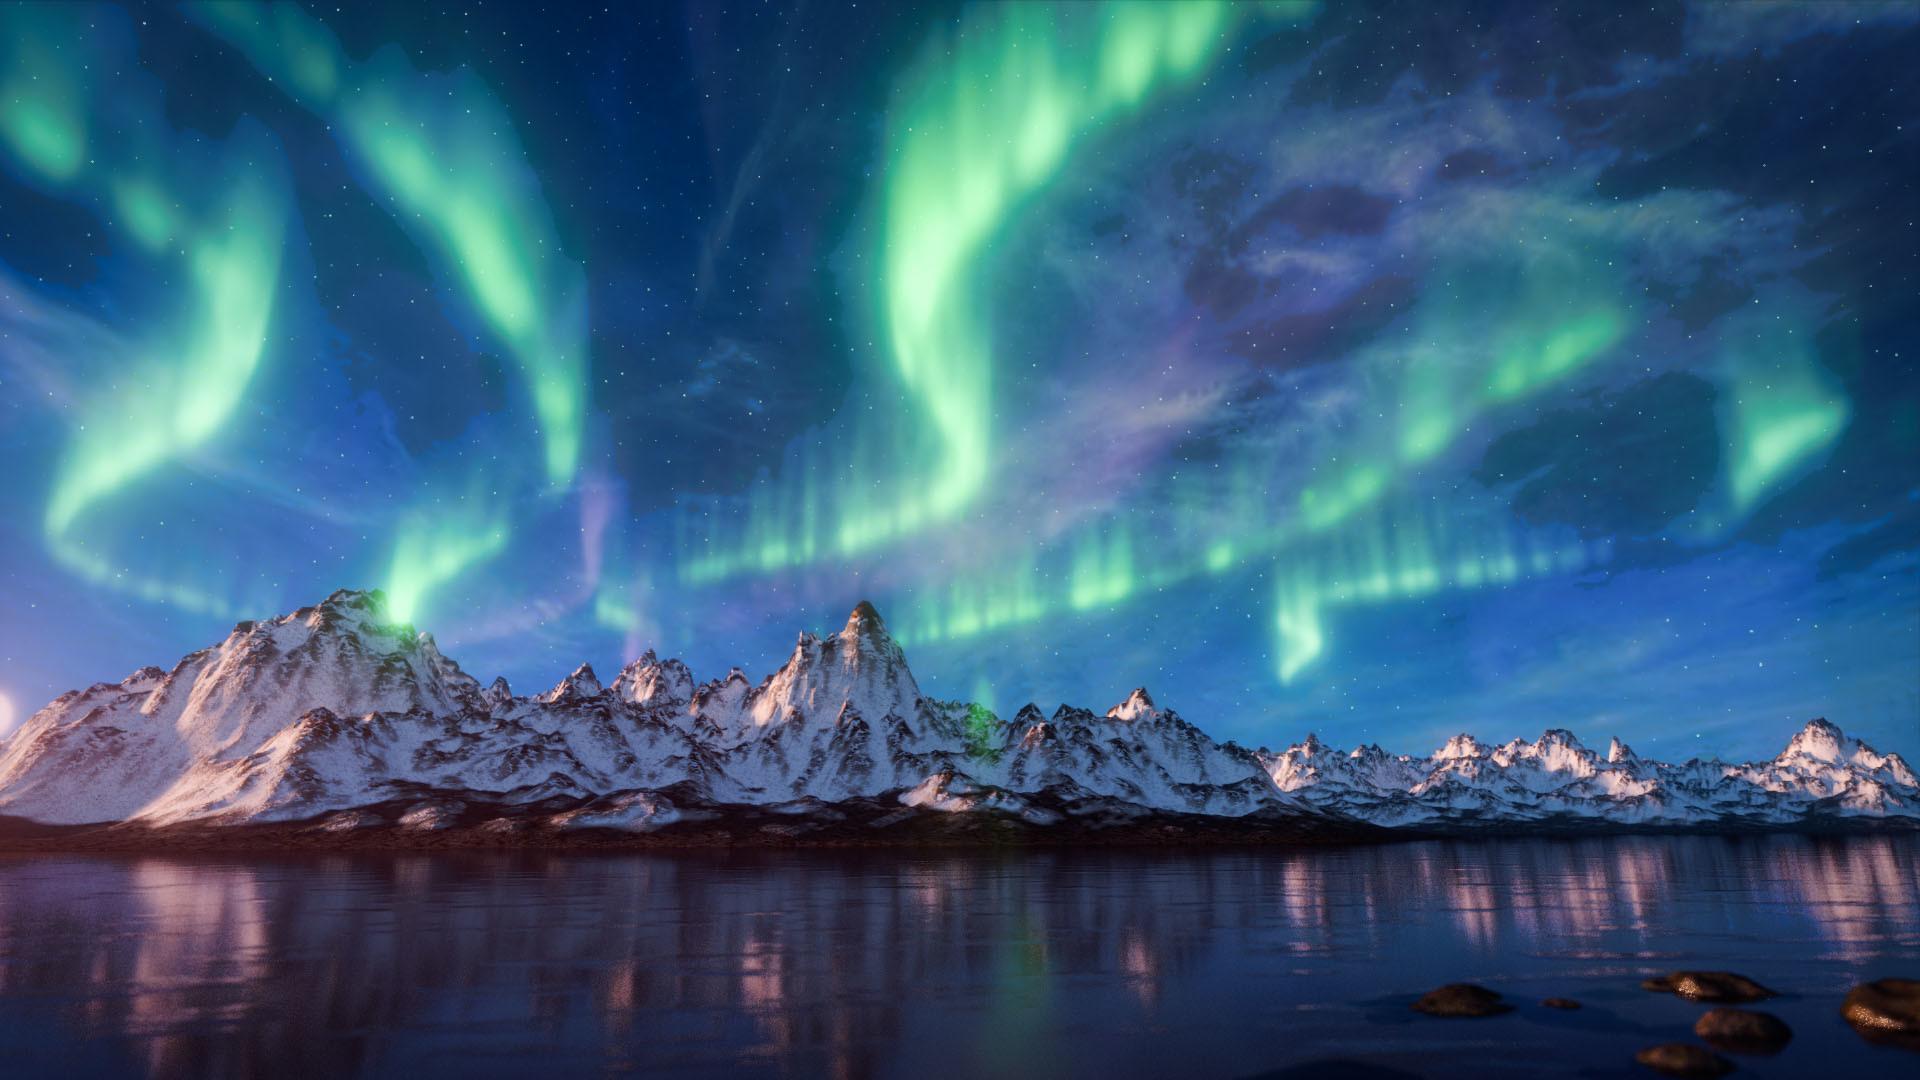 Rezultat slika za aurora borealis